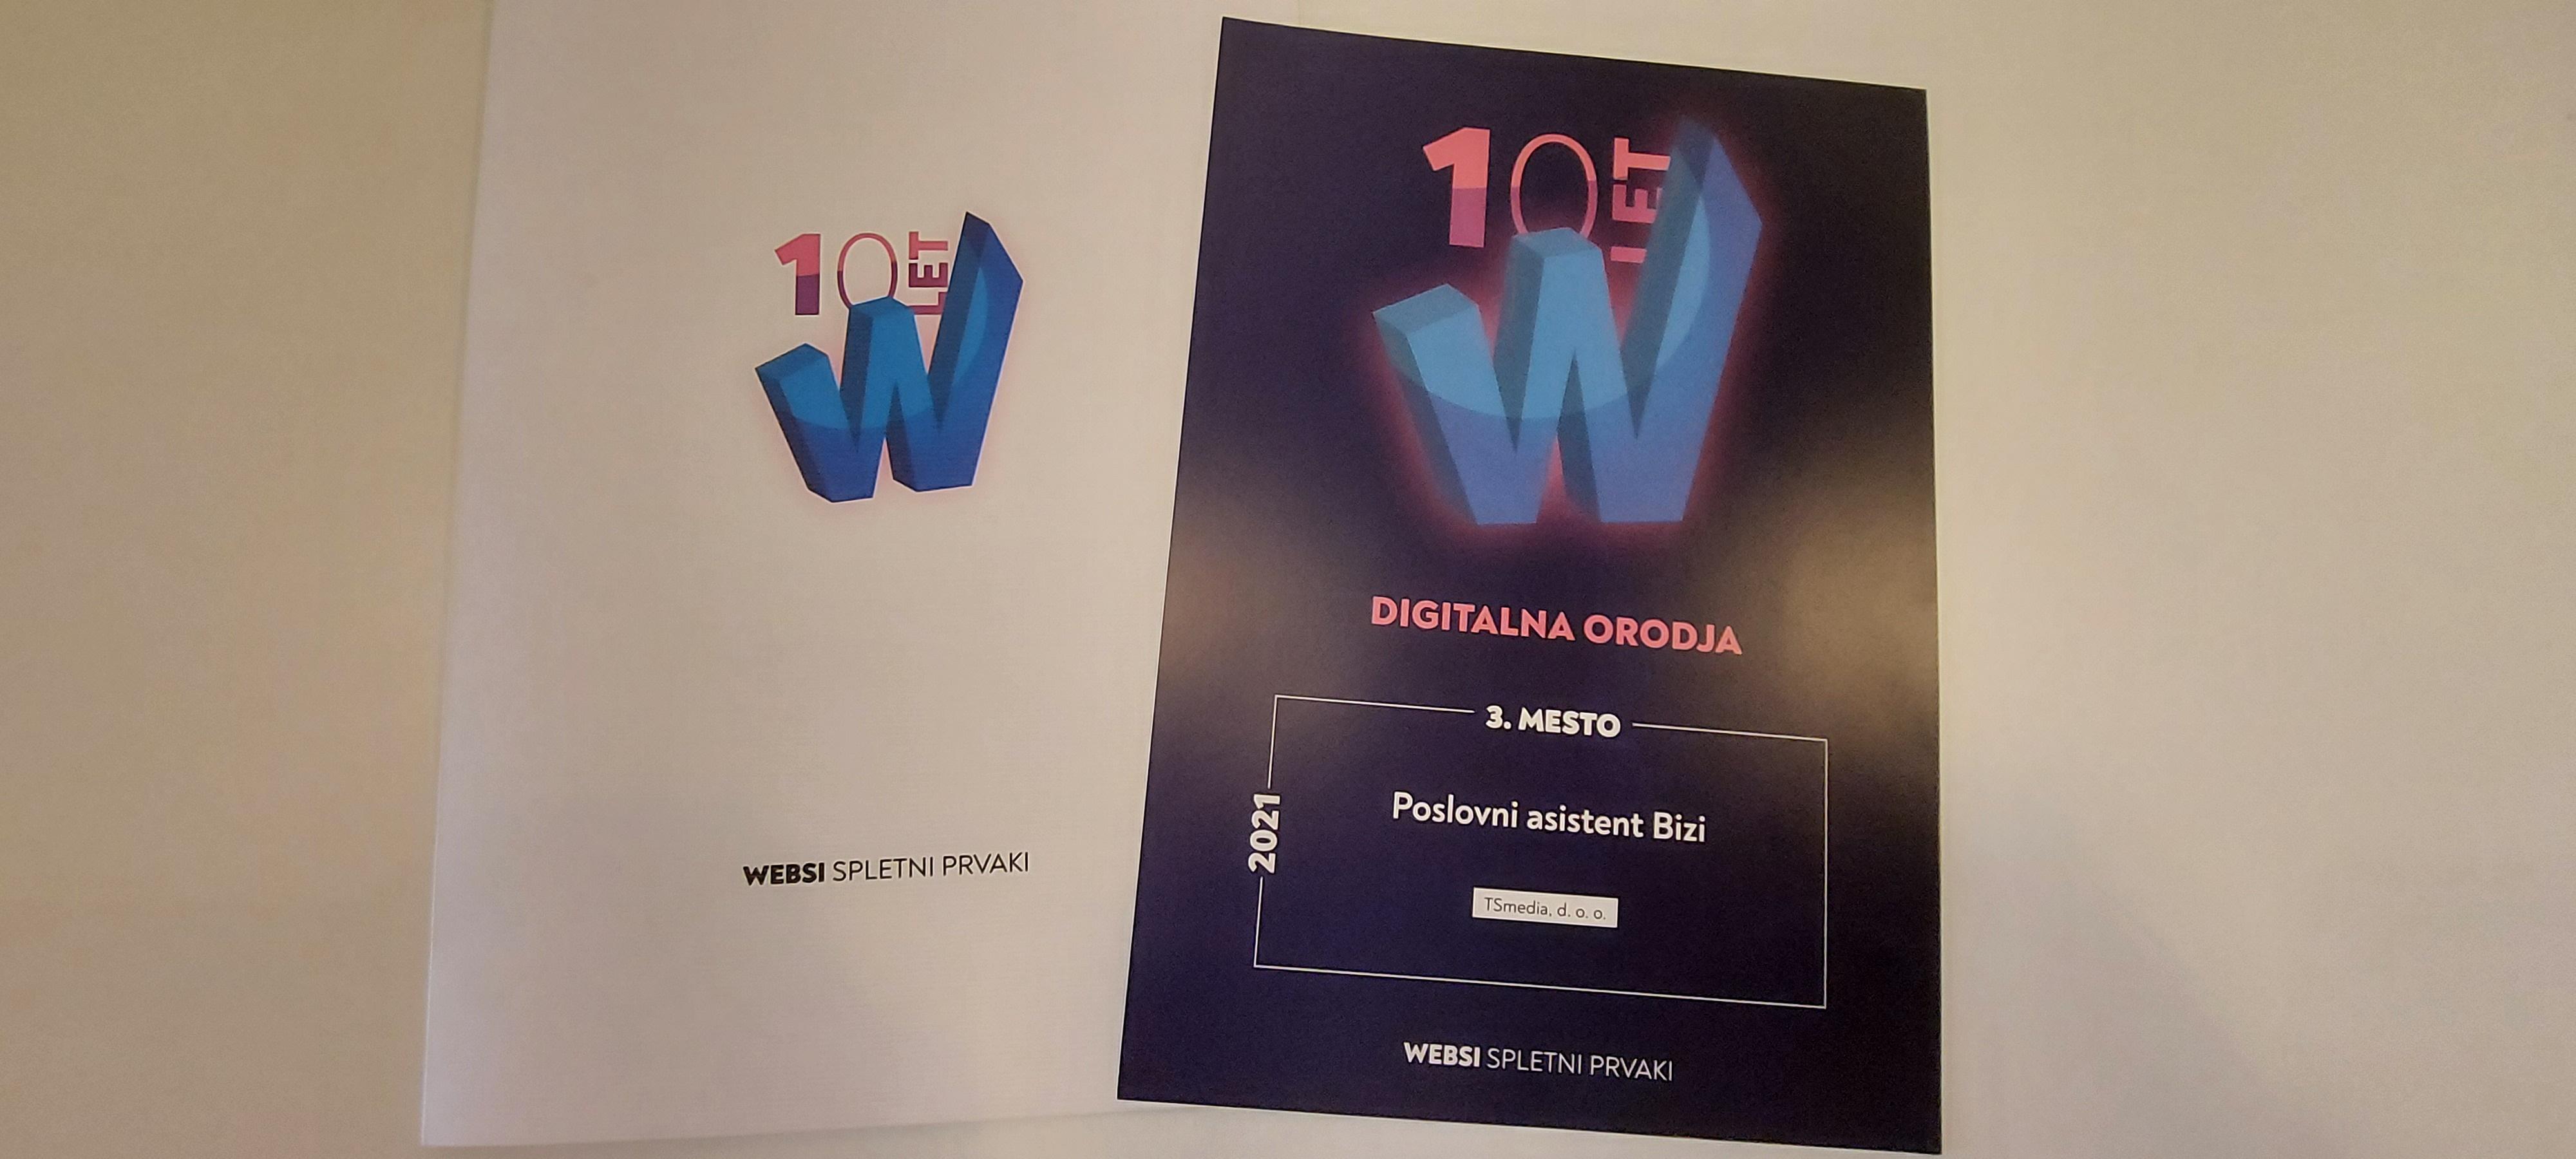 Bizi prejel nagrado WEBSI Spletni prvaki 2021